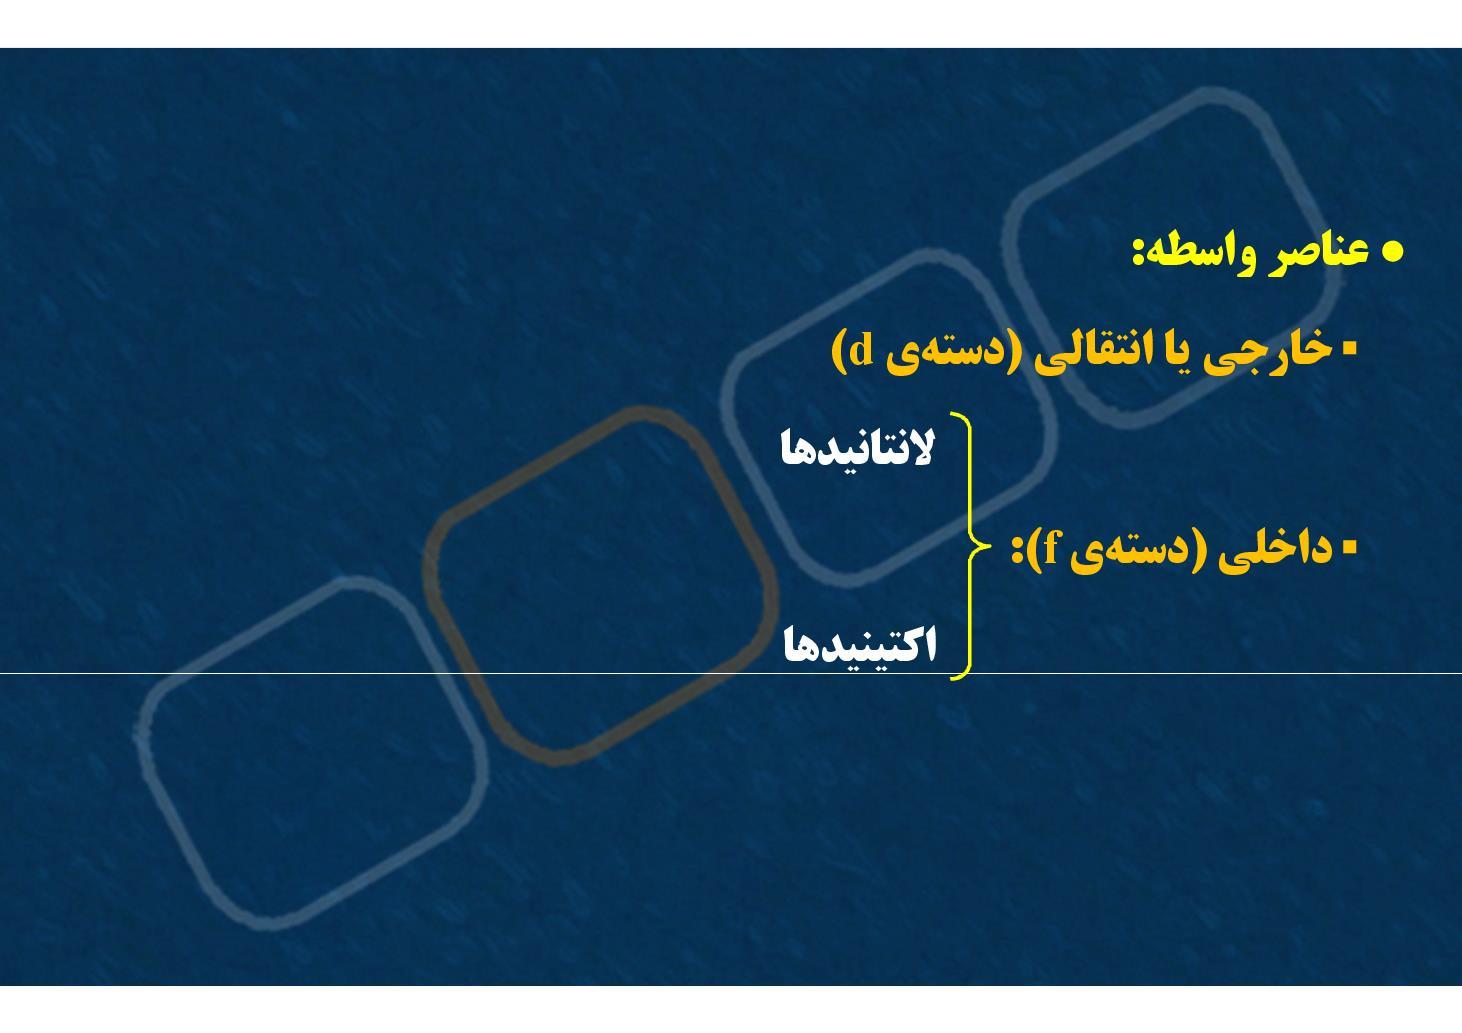 شیمی ٢-بخش ٢- گروه ٣ تا ١٢- عناصر واسطه (PDF)